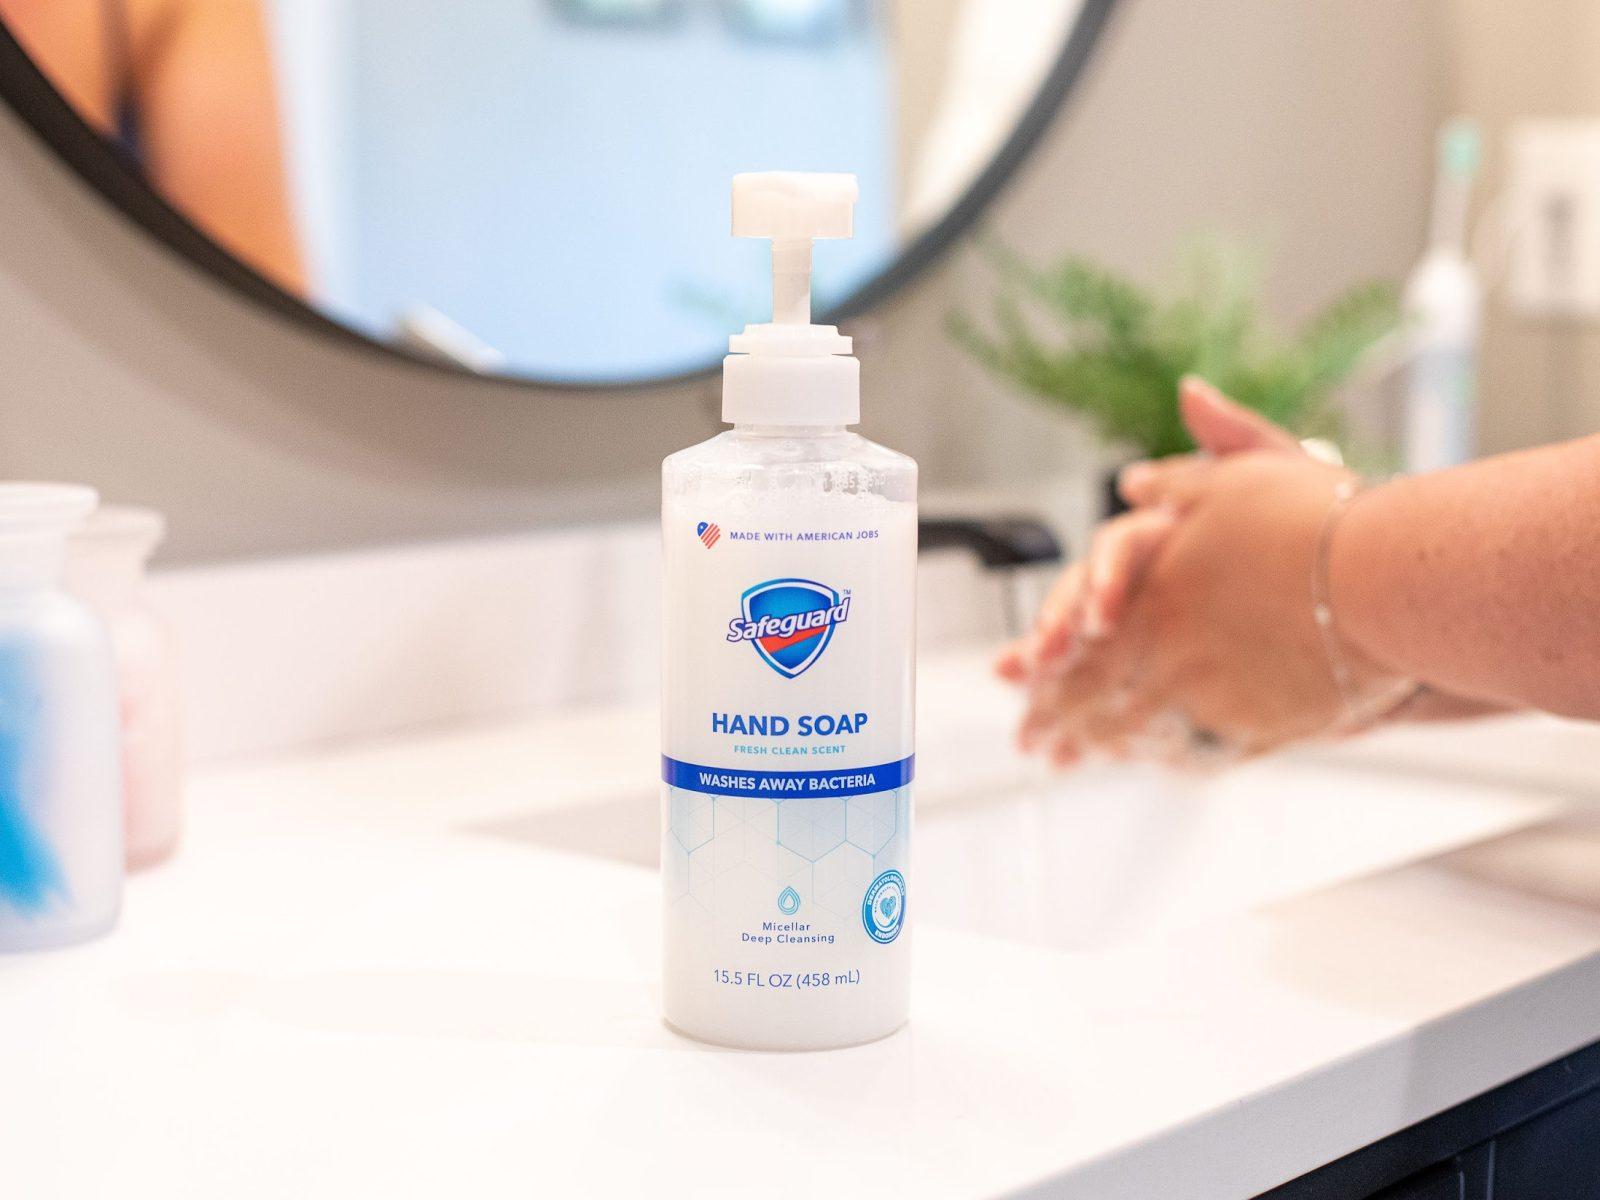 Safeguard Liquid Hand Soap Just 33¢ At Publix on I Heart Publix